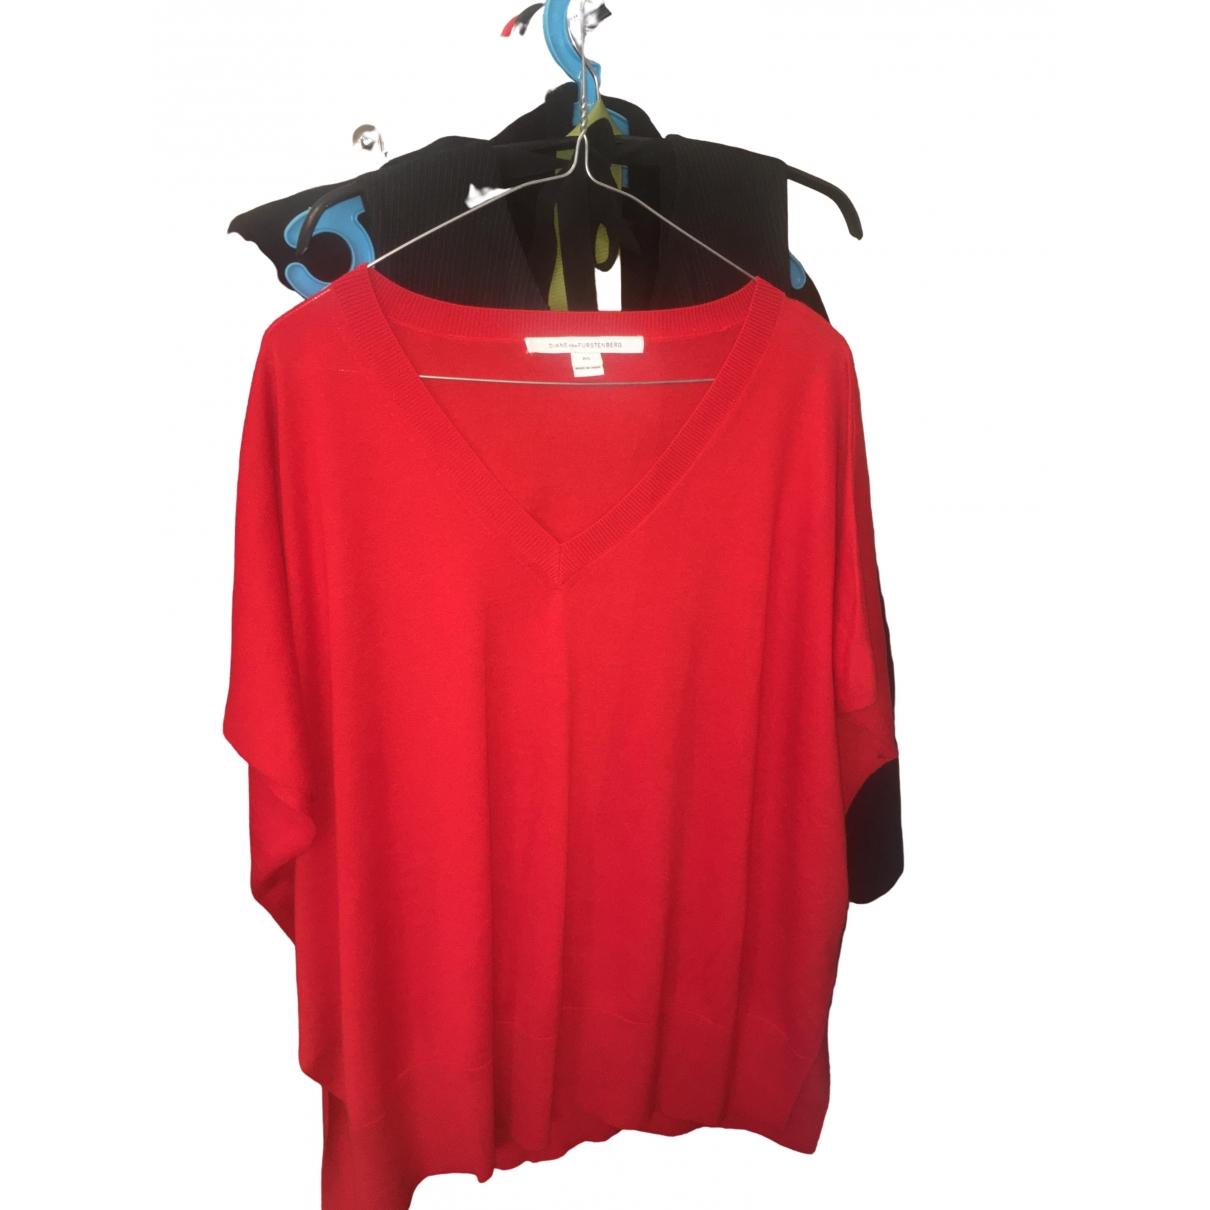 Diane Von Furstenberg \N Red Cashmere  top for Women One Size International